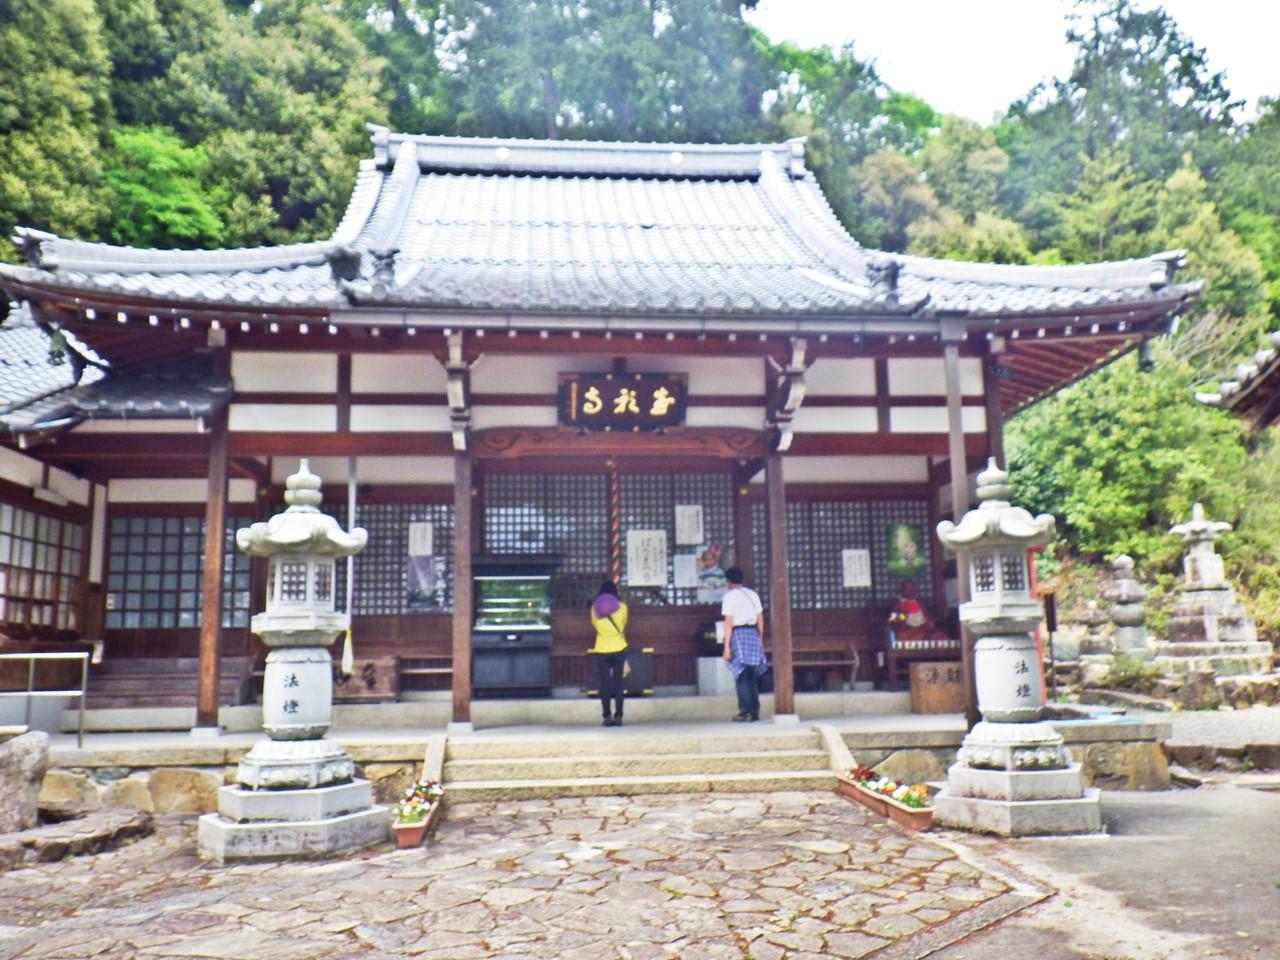 20b 太郎坊宮下の成願寺